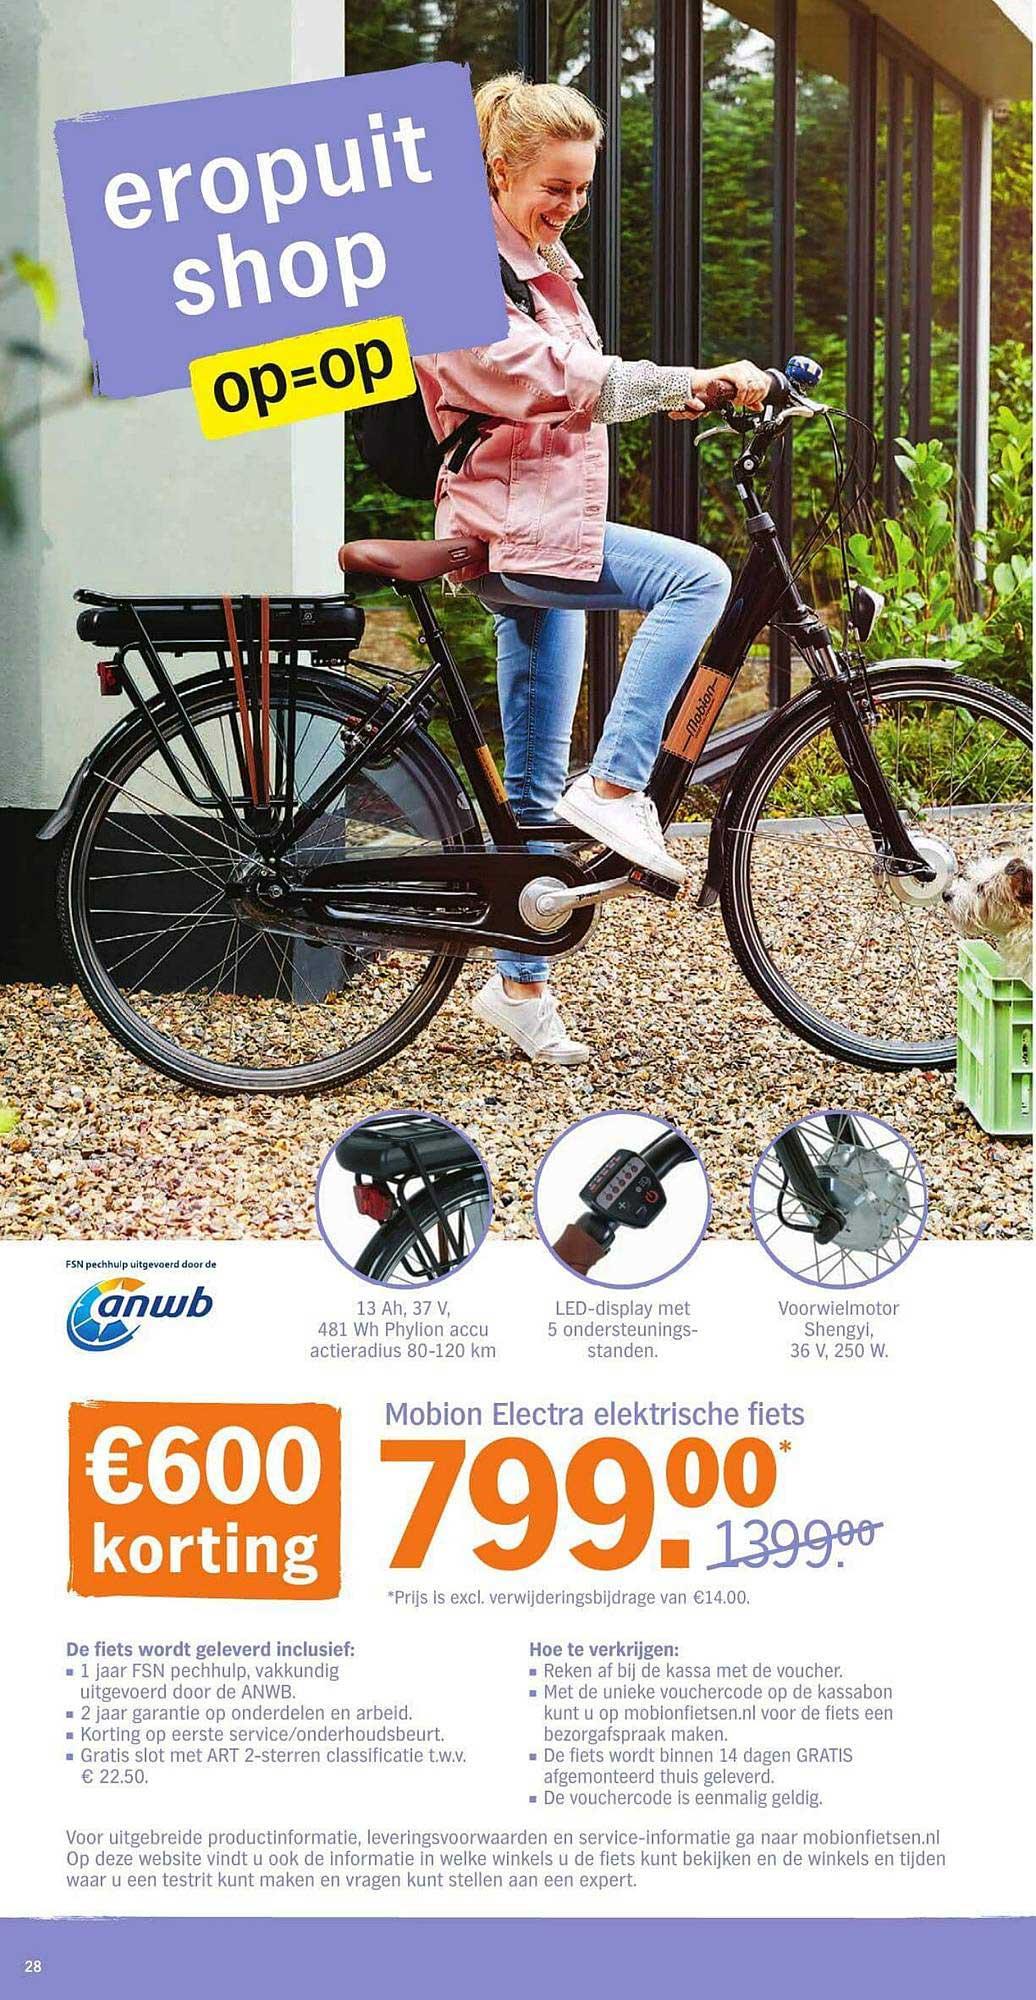 Mobion Electra Elektrische Fiets 600 Korting Aanbieding Bij Albert Heijn